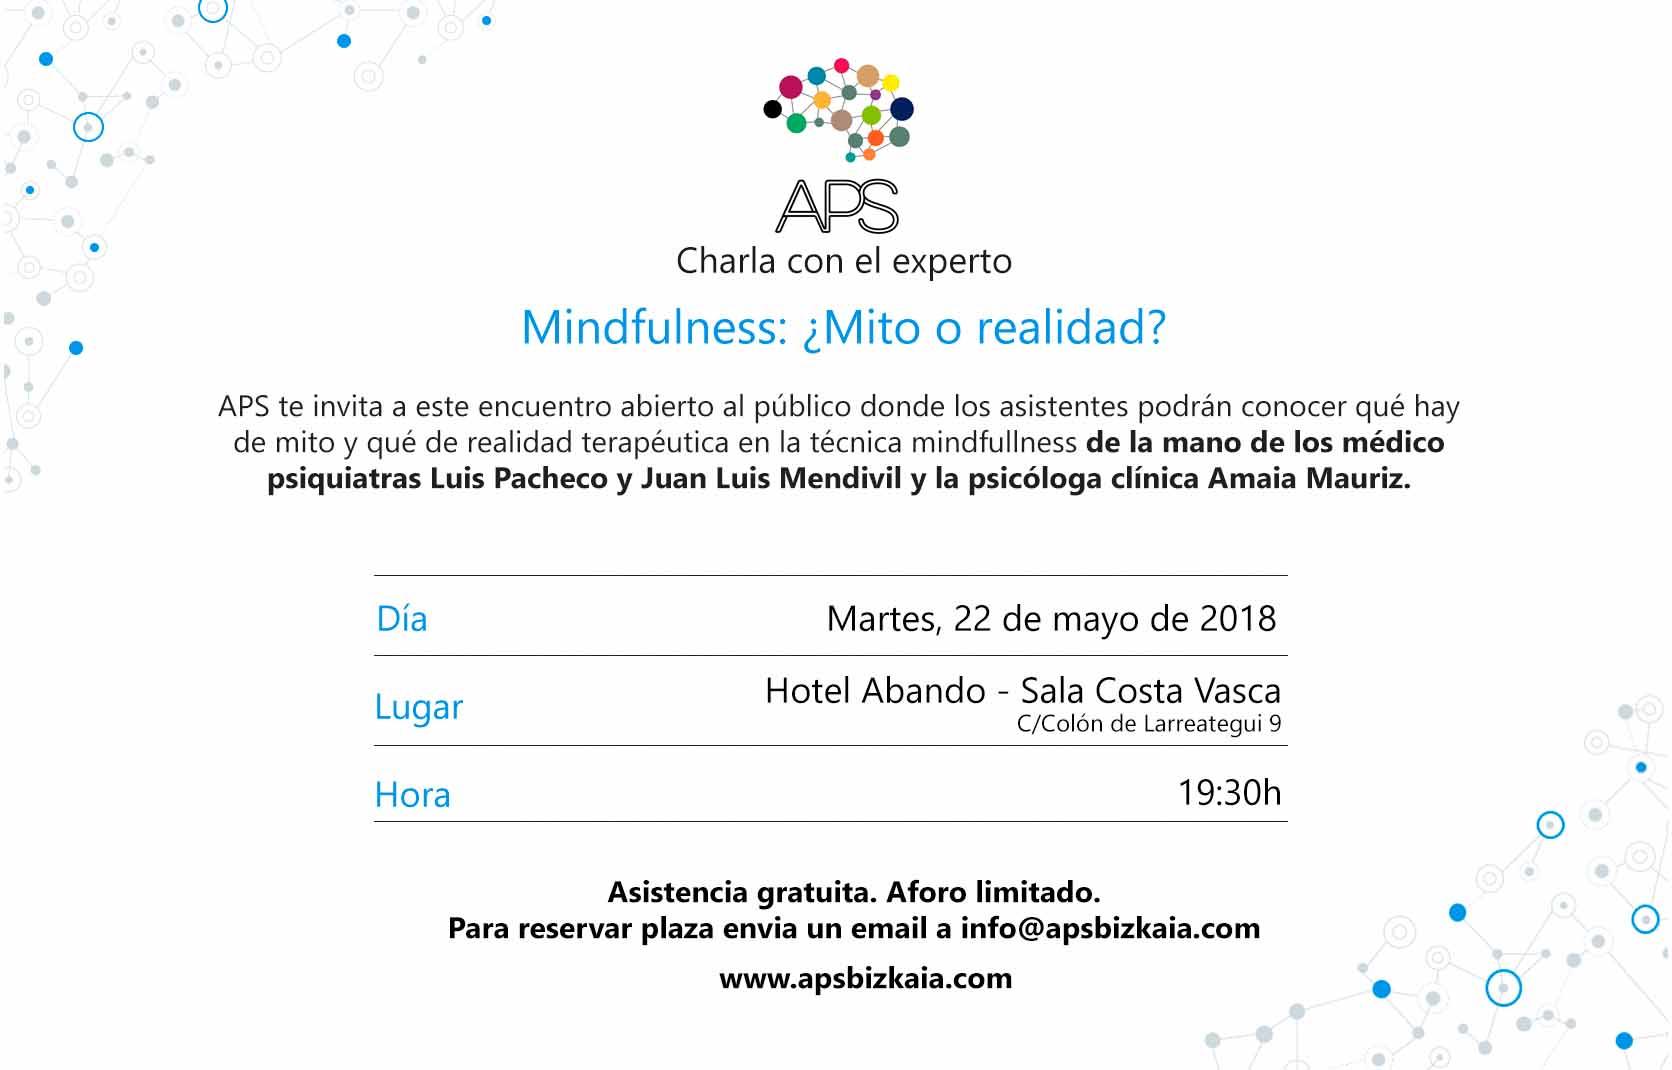 Invitacion Mindfullness